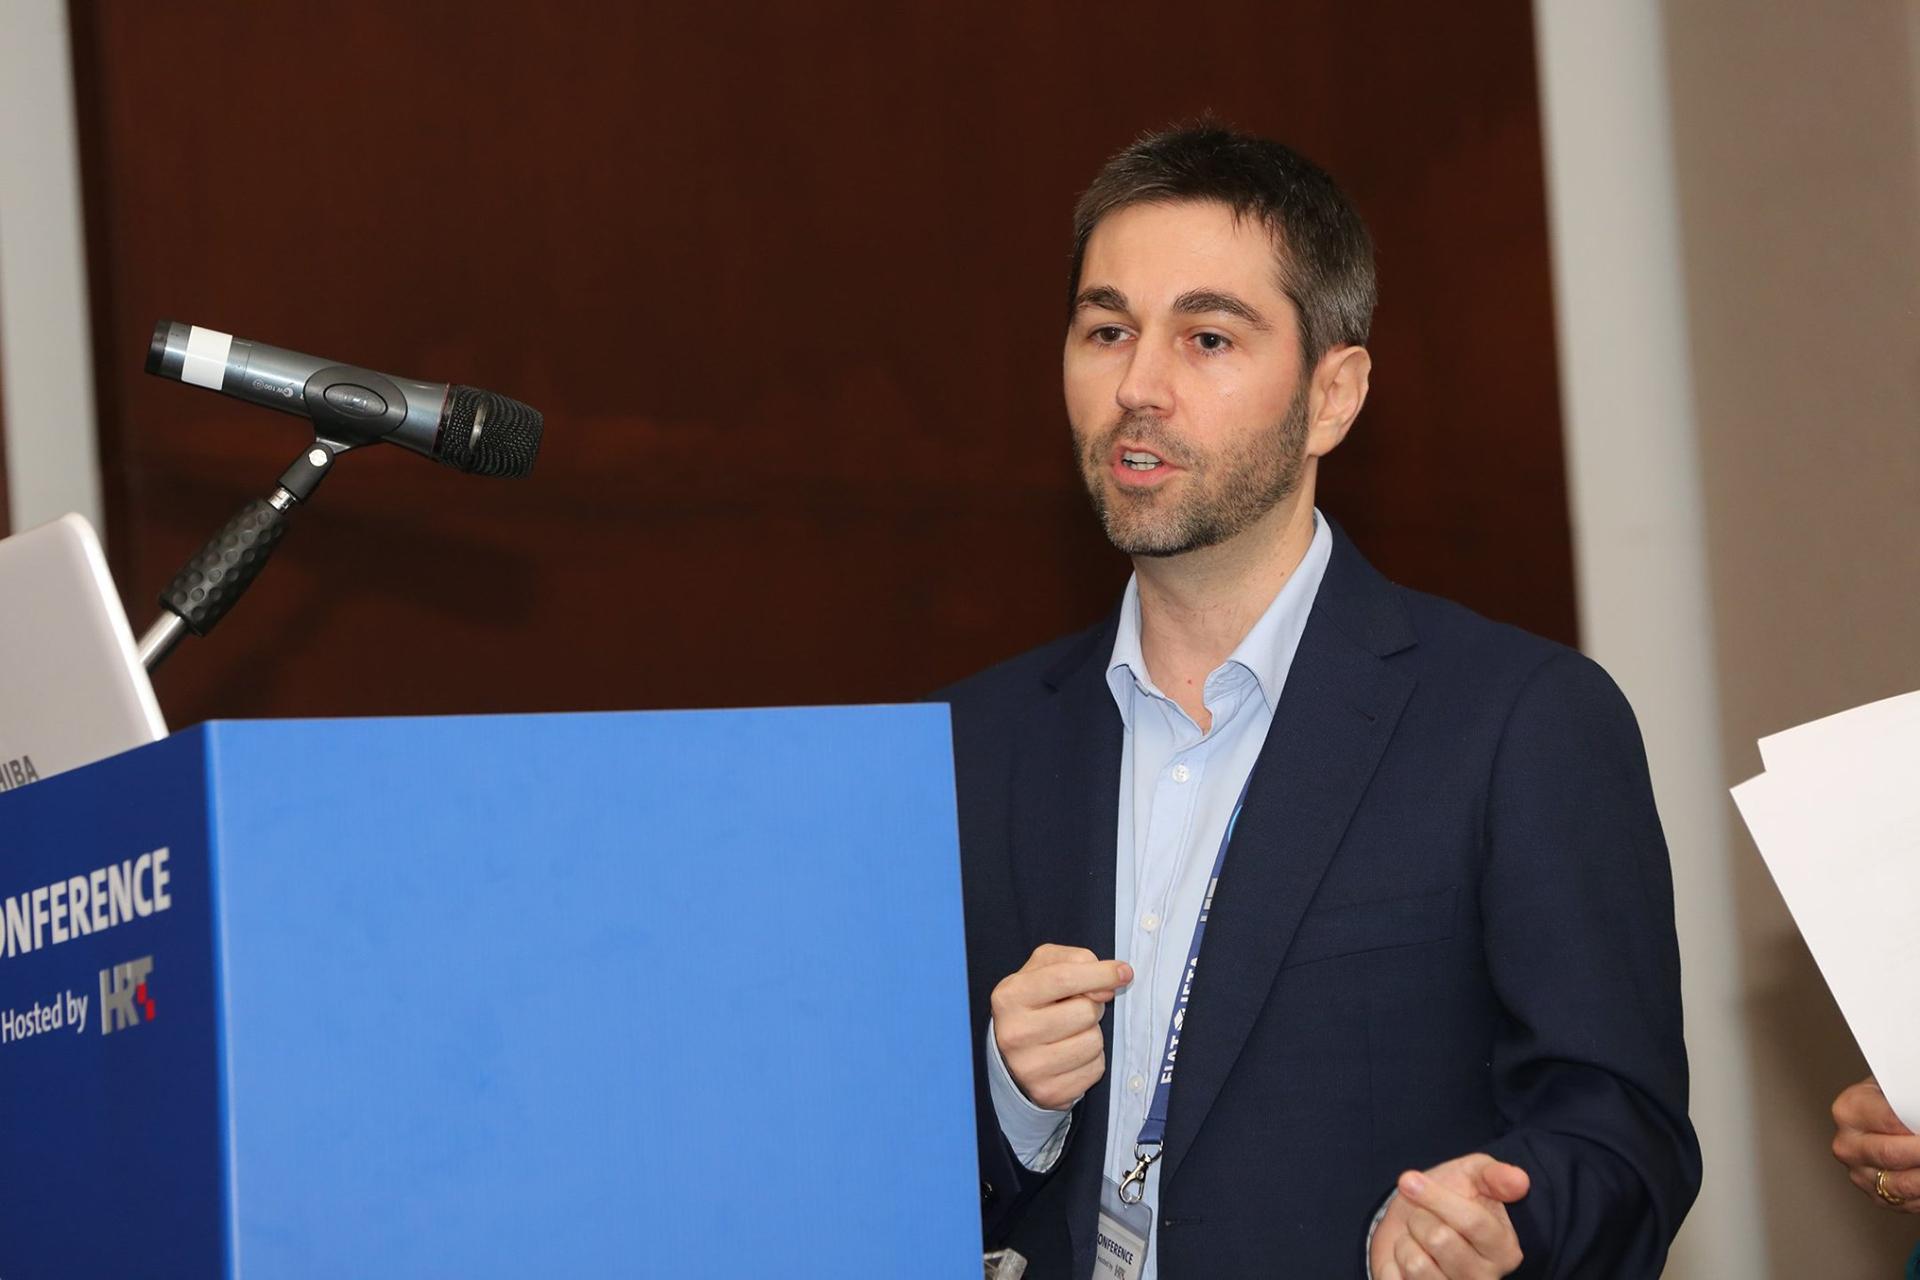 Presentación de VSN en la Conferencia Mundial de FIAT/IFTA 2019